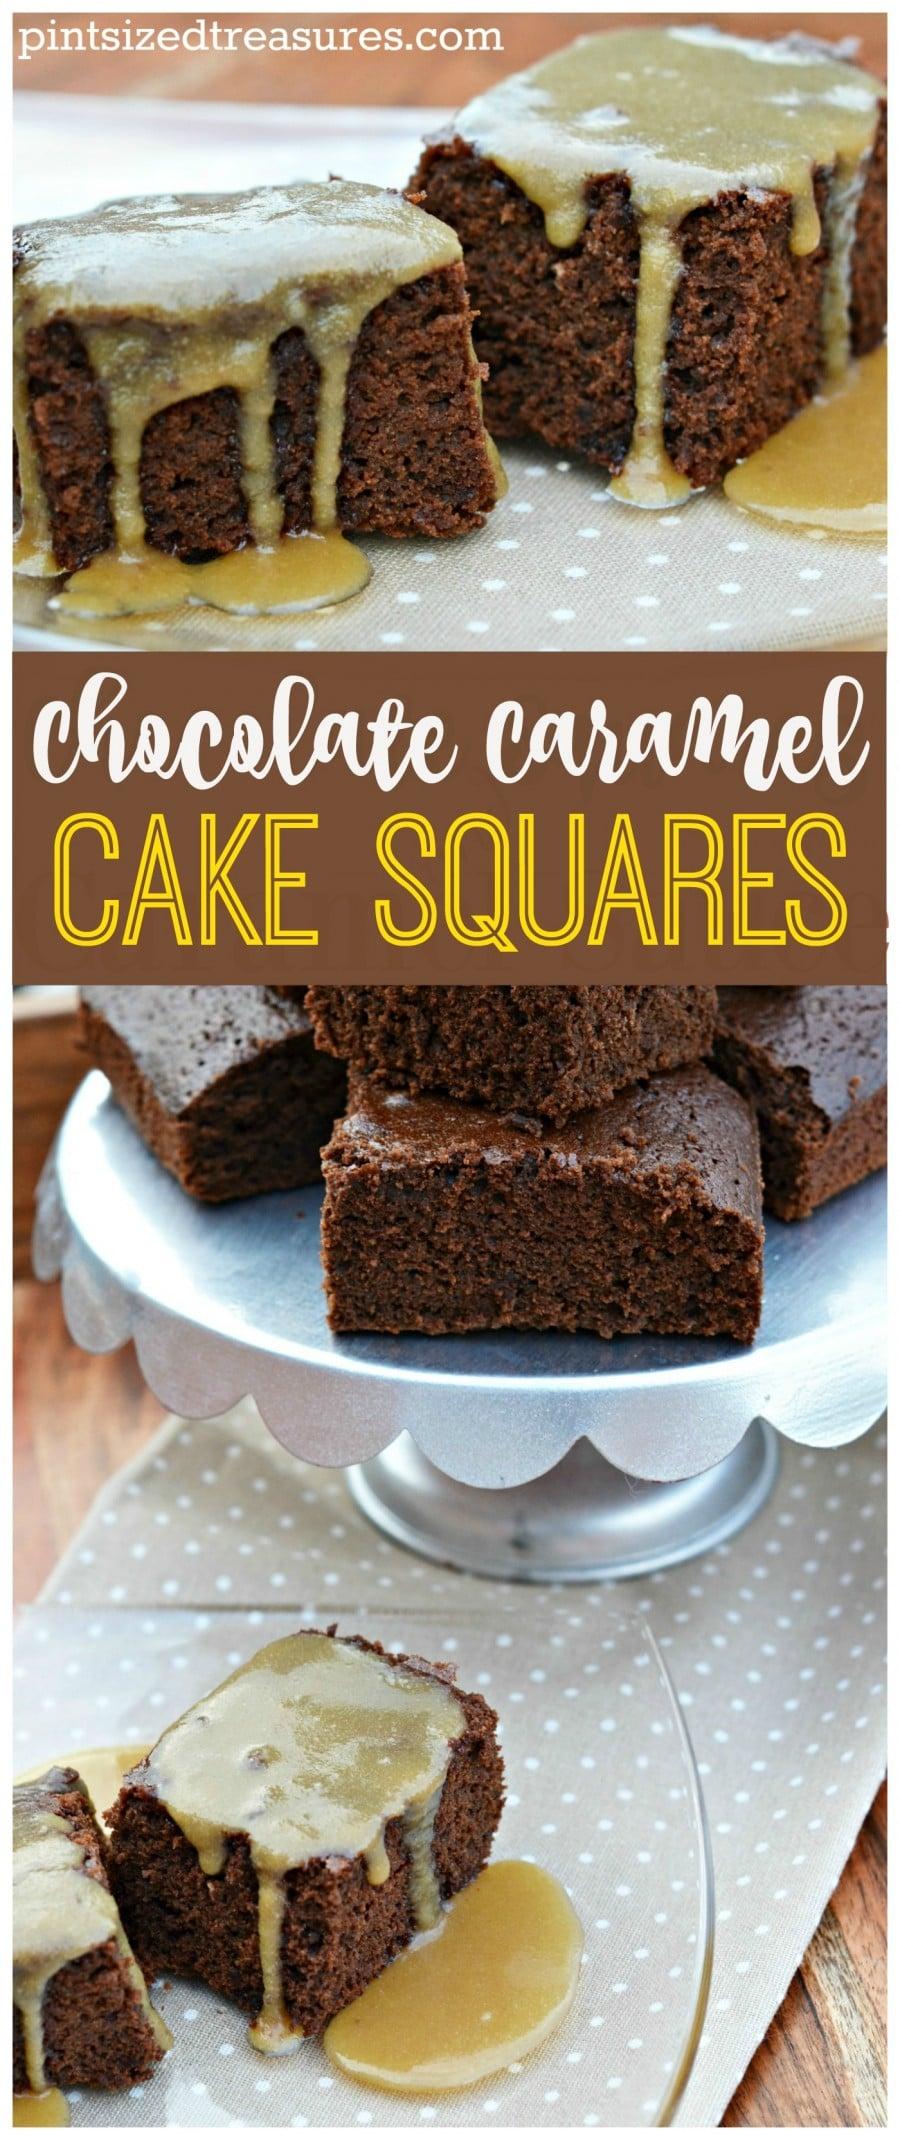 chocolate caramel cake squares